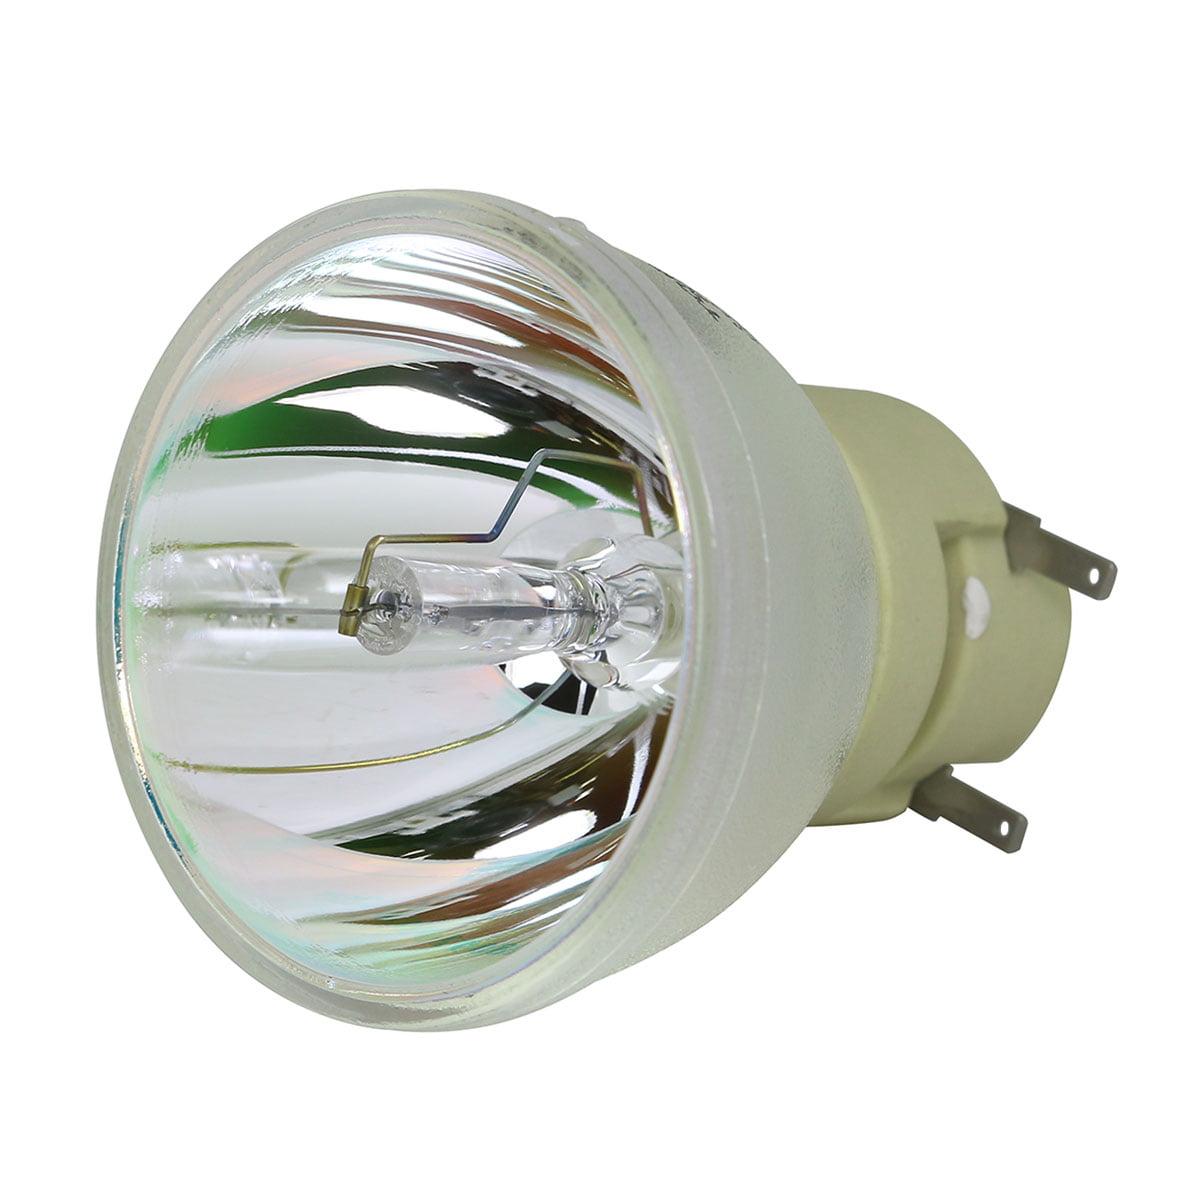 Lampe de rechange Philips originale pour Projecteur Acer X133PWH (ampoule uniquement) - image 5 de 5